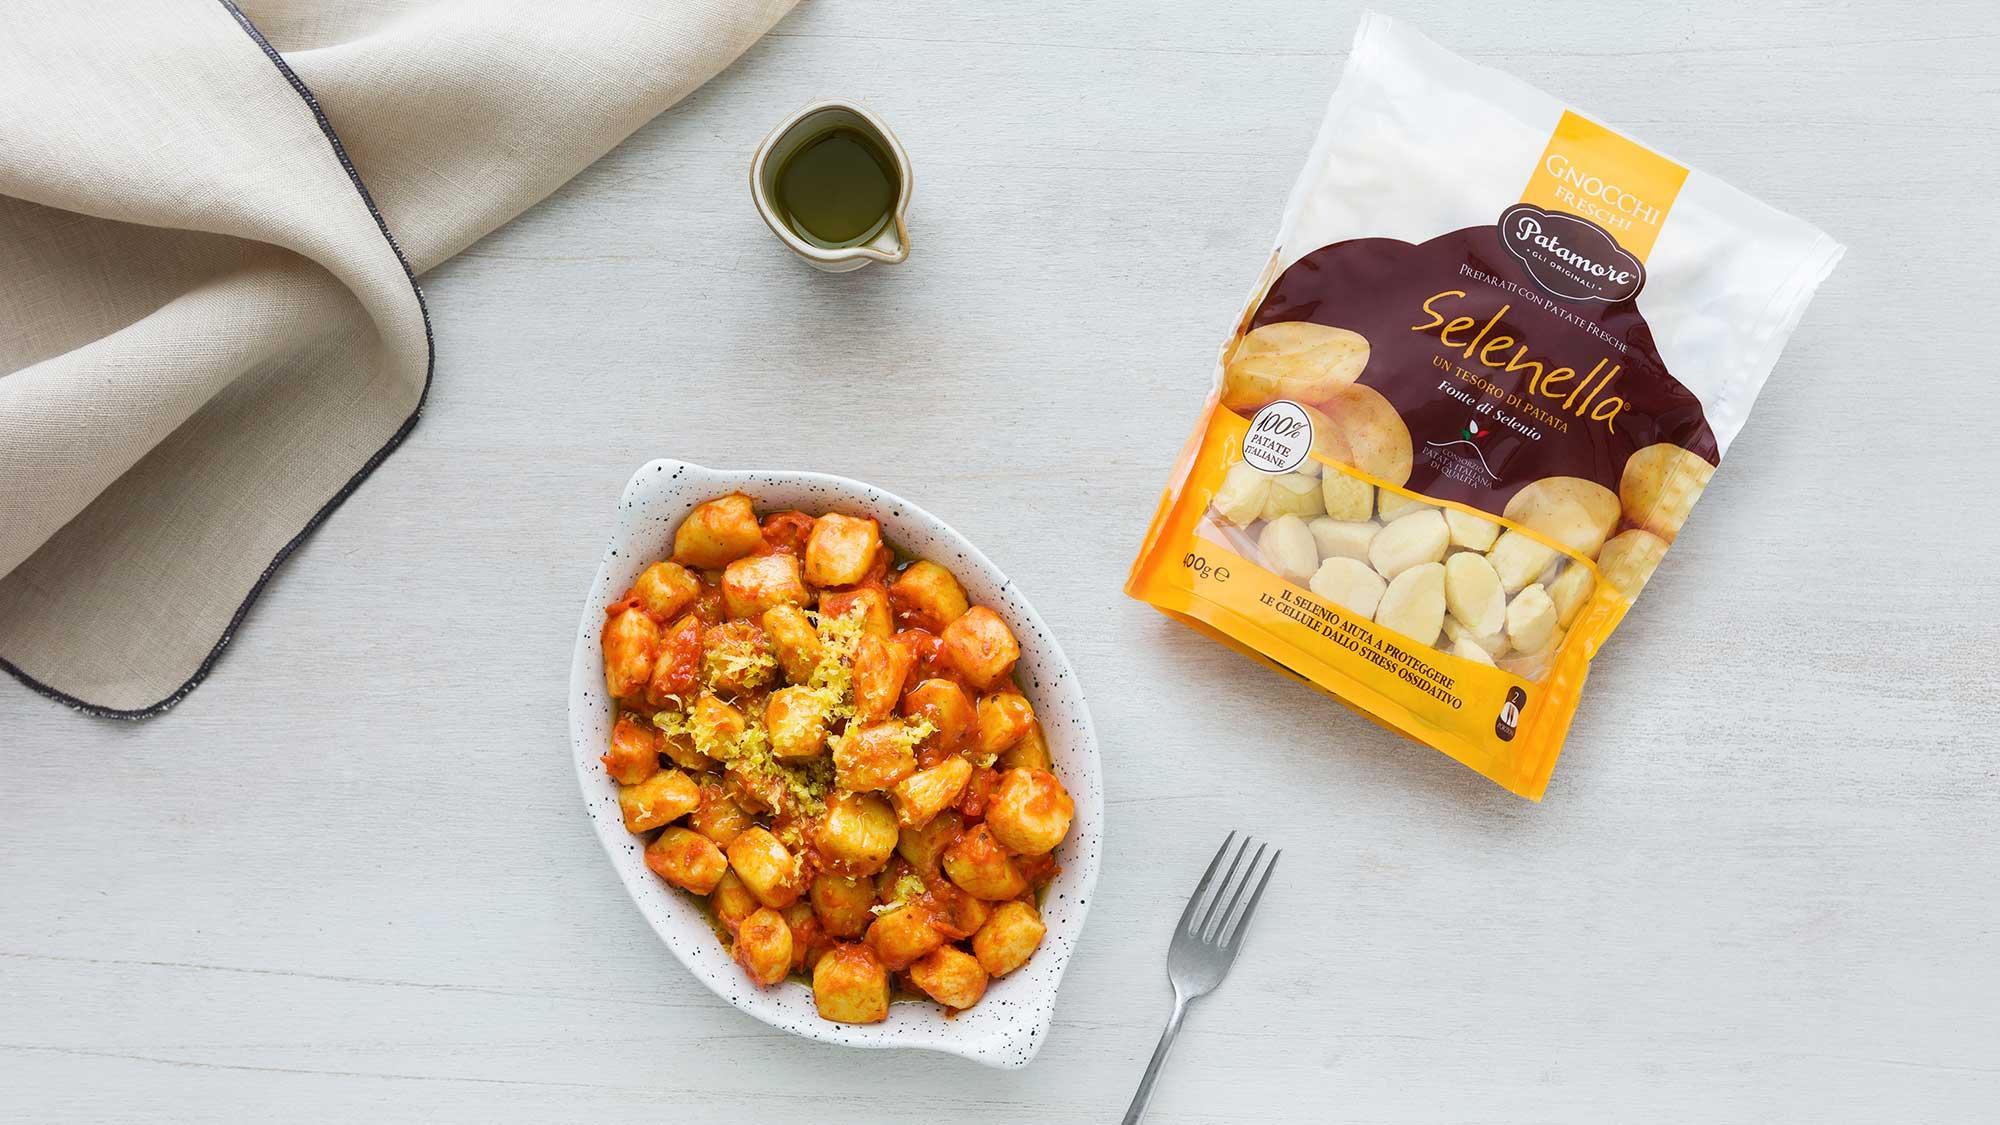 Gnocchi alla Sorrentina con pomodoro infornato, limone e olio al basilico - Ricette Selenella